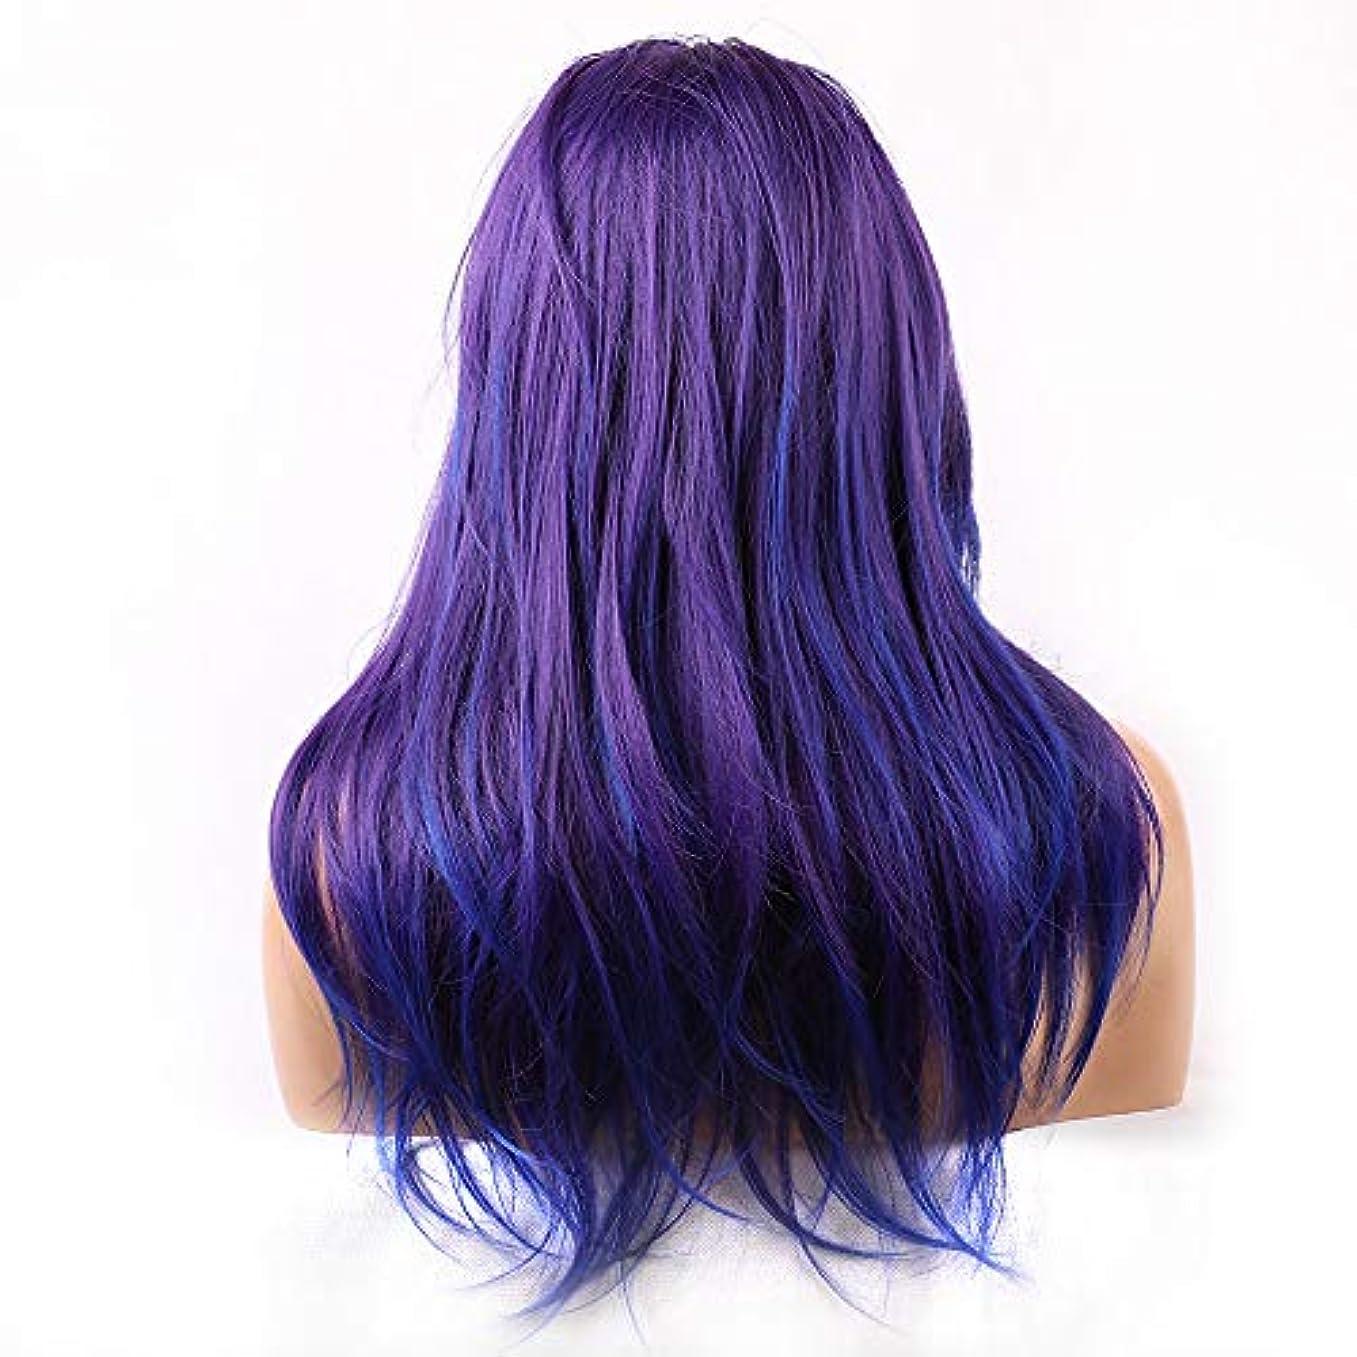 セブン全国挨拶するレースCOSの小道具の前に女性の青い長い巻き毛のかつらをかつら